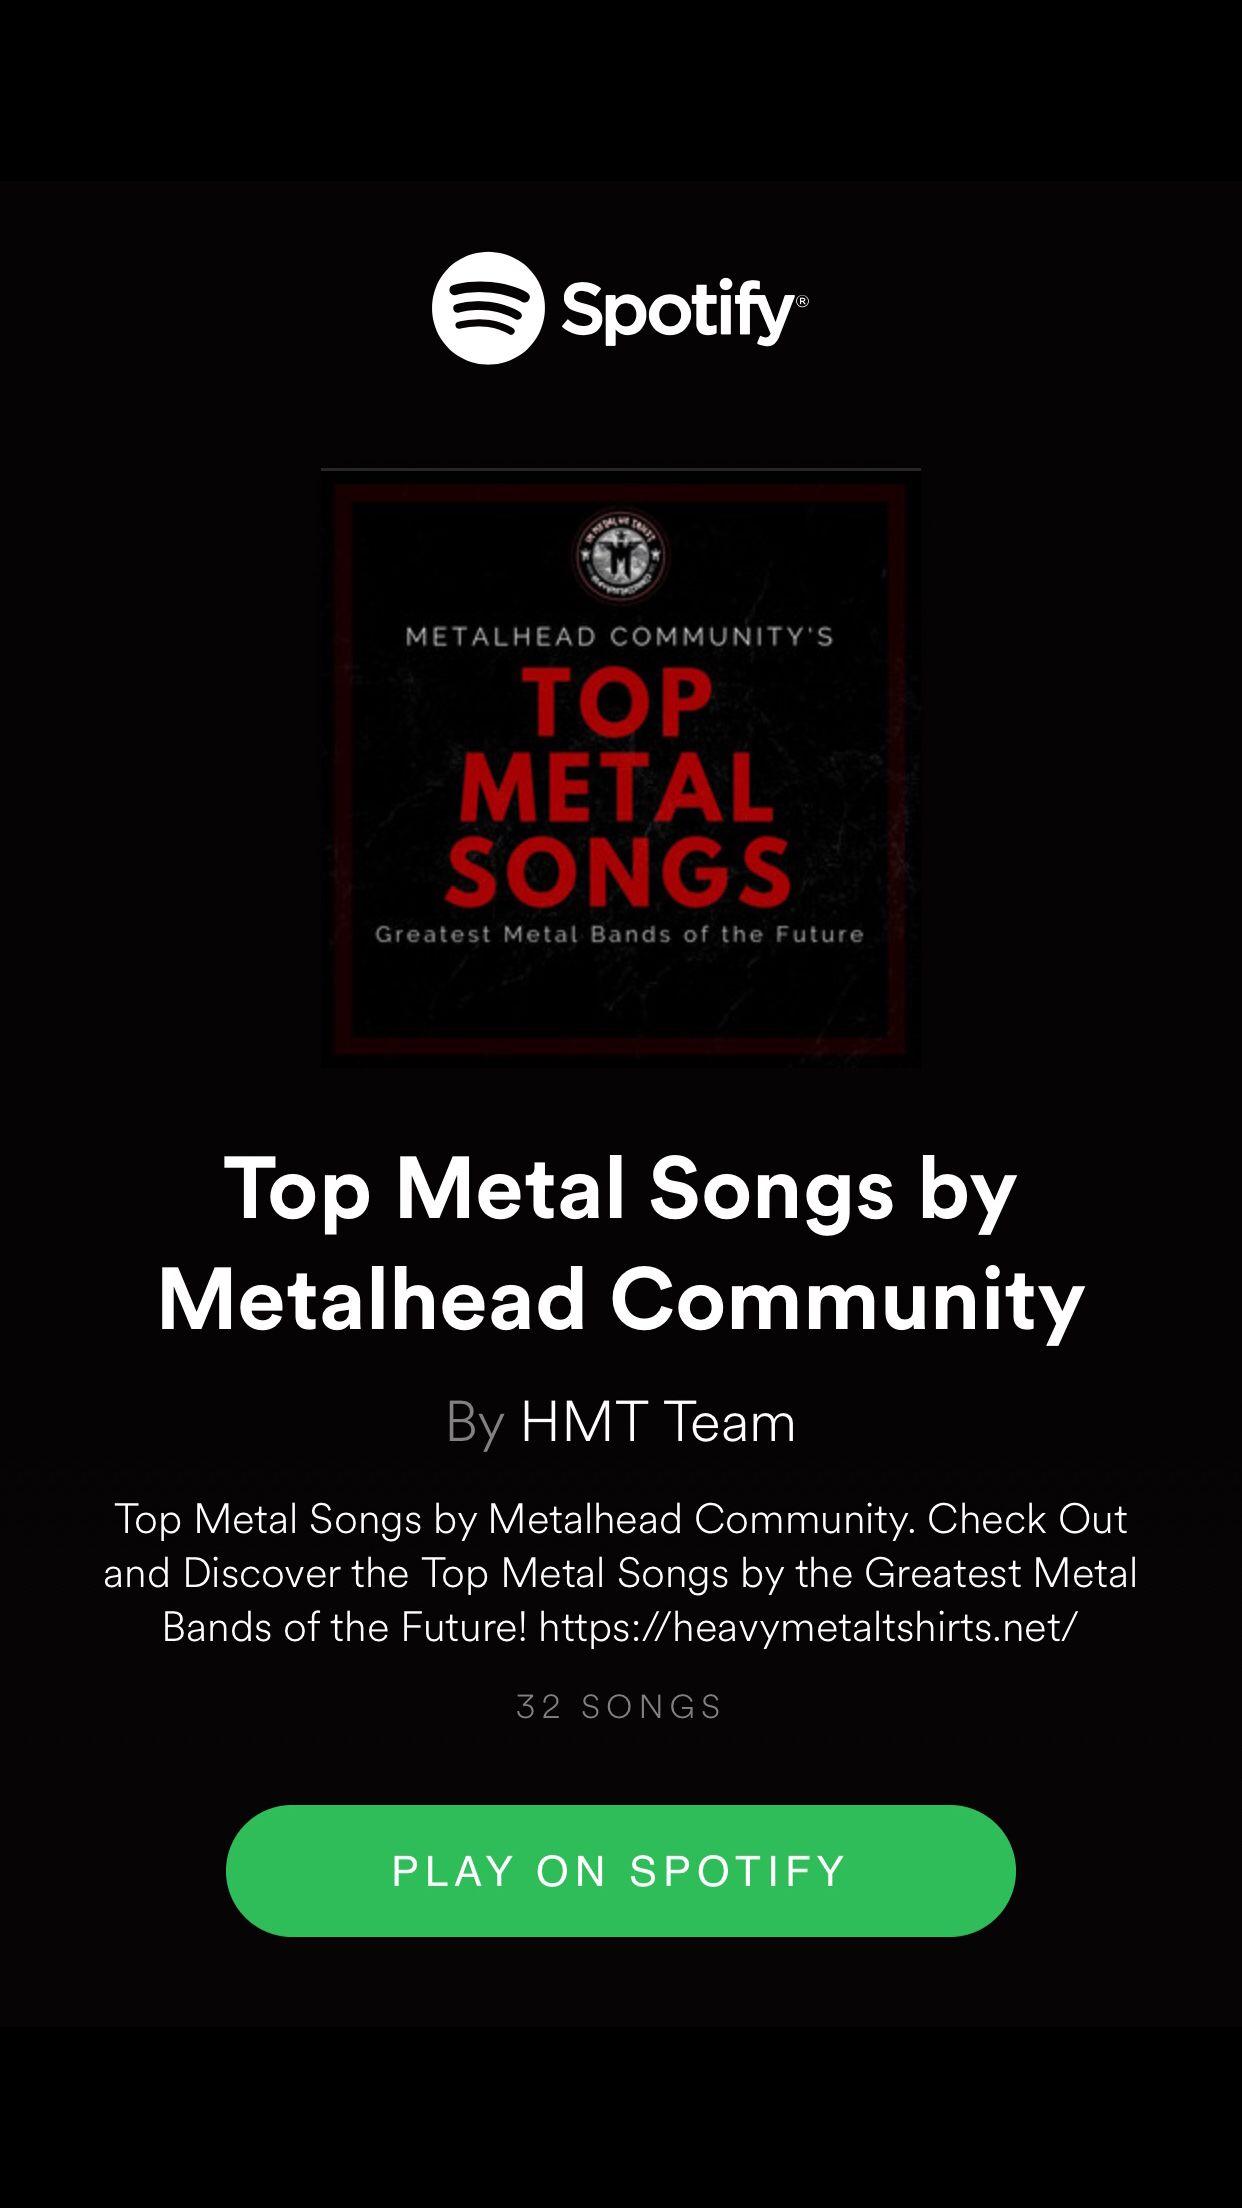 Top Metal Songs by Metalhead Community on Spotify